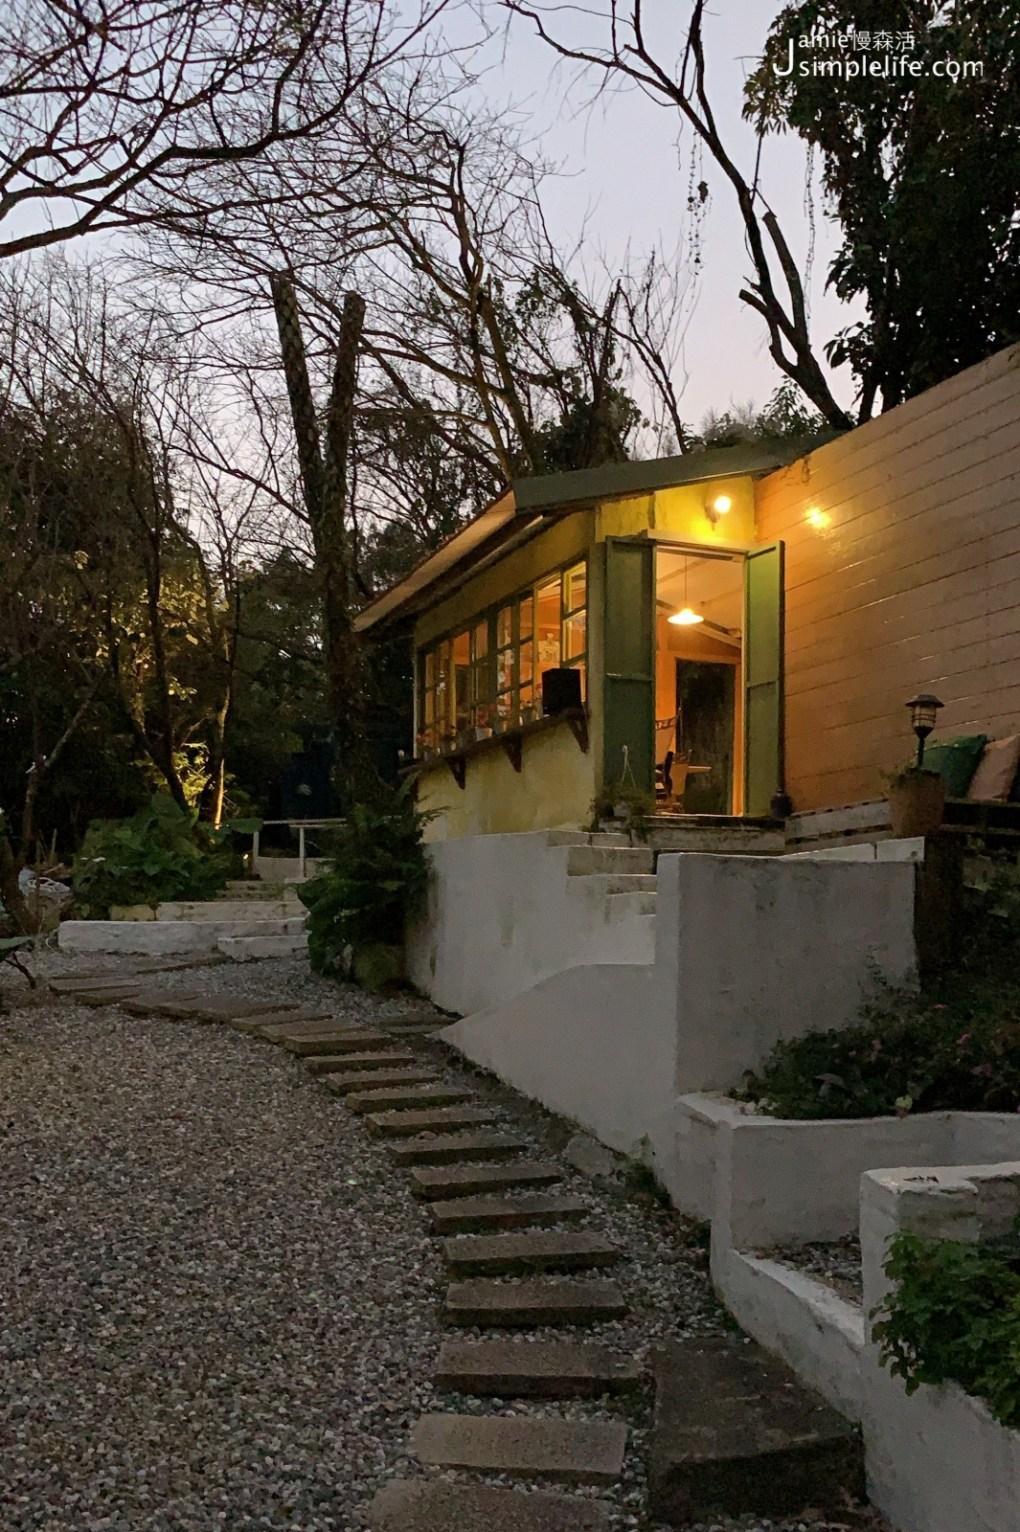 陽明山蒙馬特影像咖啡 裝飾偏甜的用餐環境與氛圍 夜晚樣子